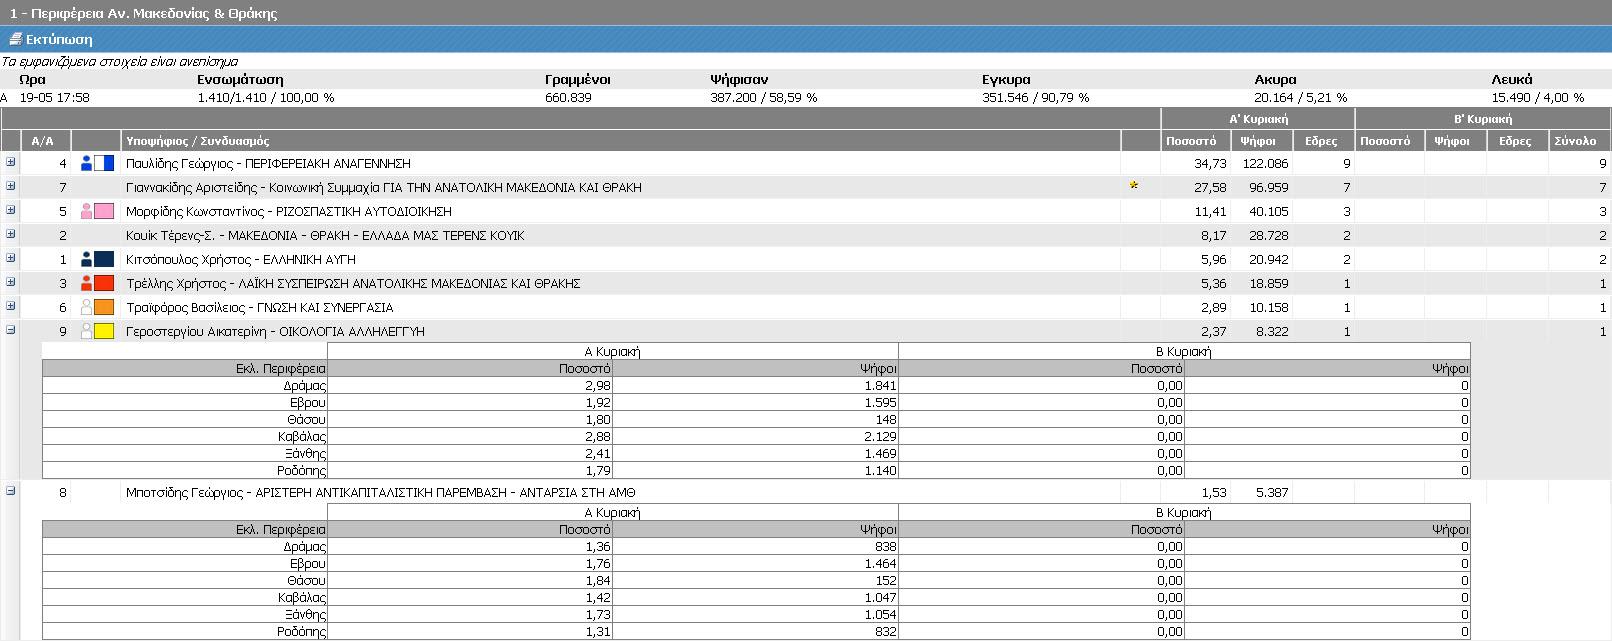 Αποτελέσματα Περιφέρειας Ανατολικής Μακεδονίας-Θράκης - Μέρος 3ο (Τελικά ΥΠΕΣ, Α' Κυριακή 18/5/2014 - αποτελέσματα 19/5/2014 17:58)